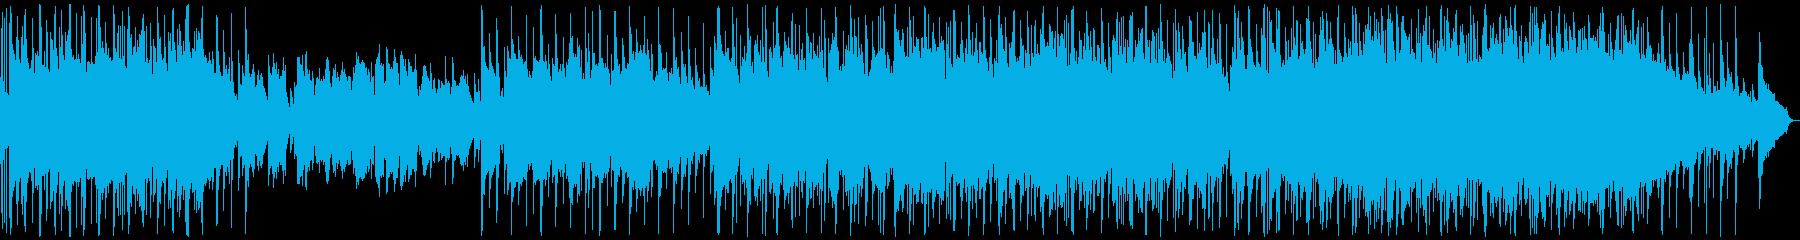 優しい雰囲気のバラード4の再生済みの波形